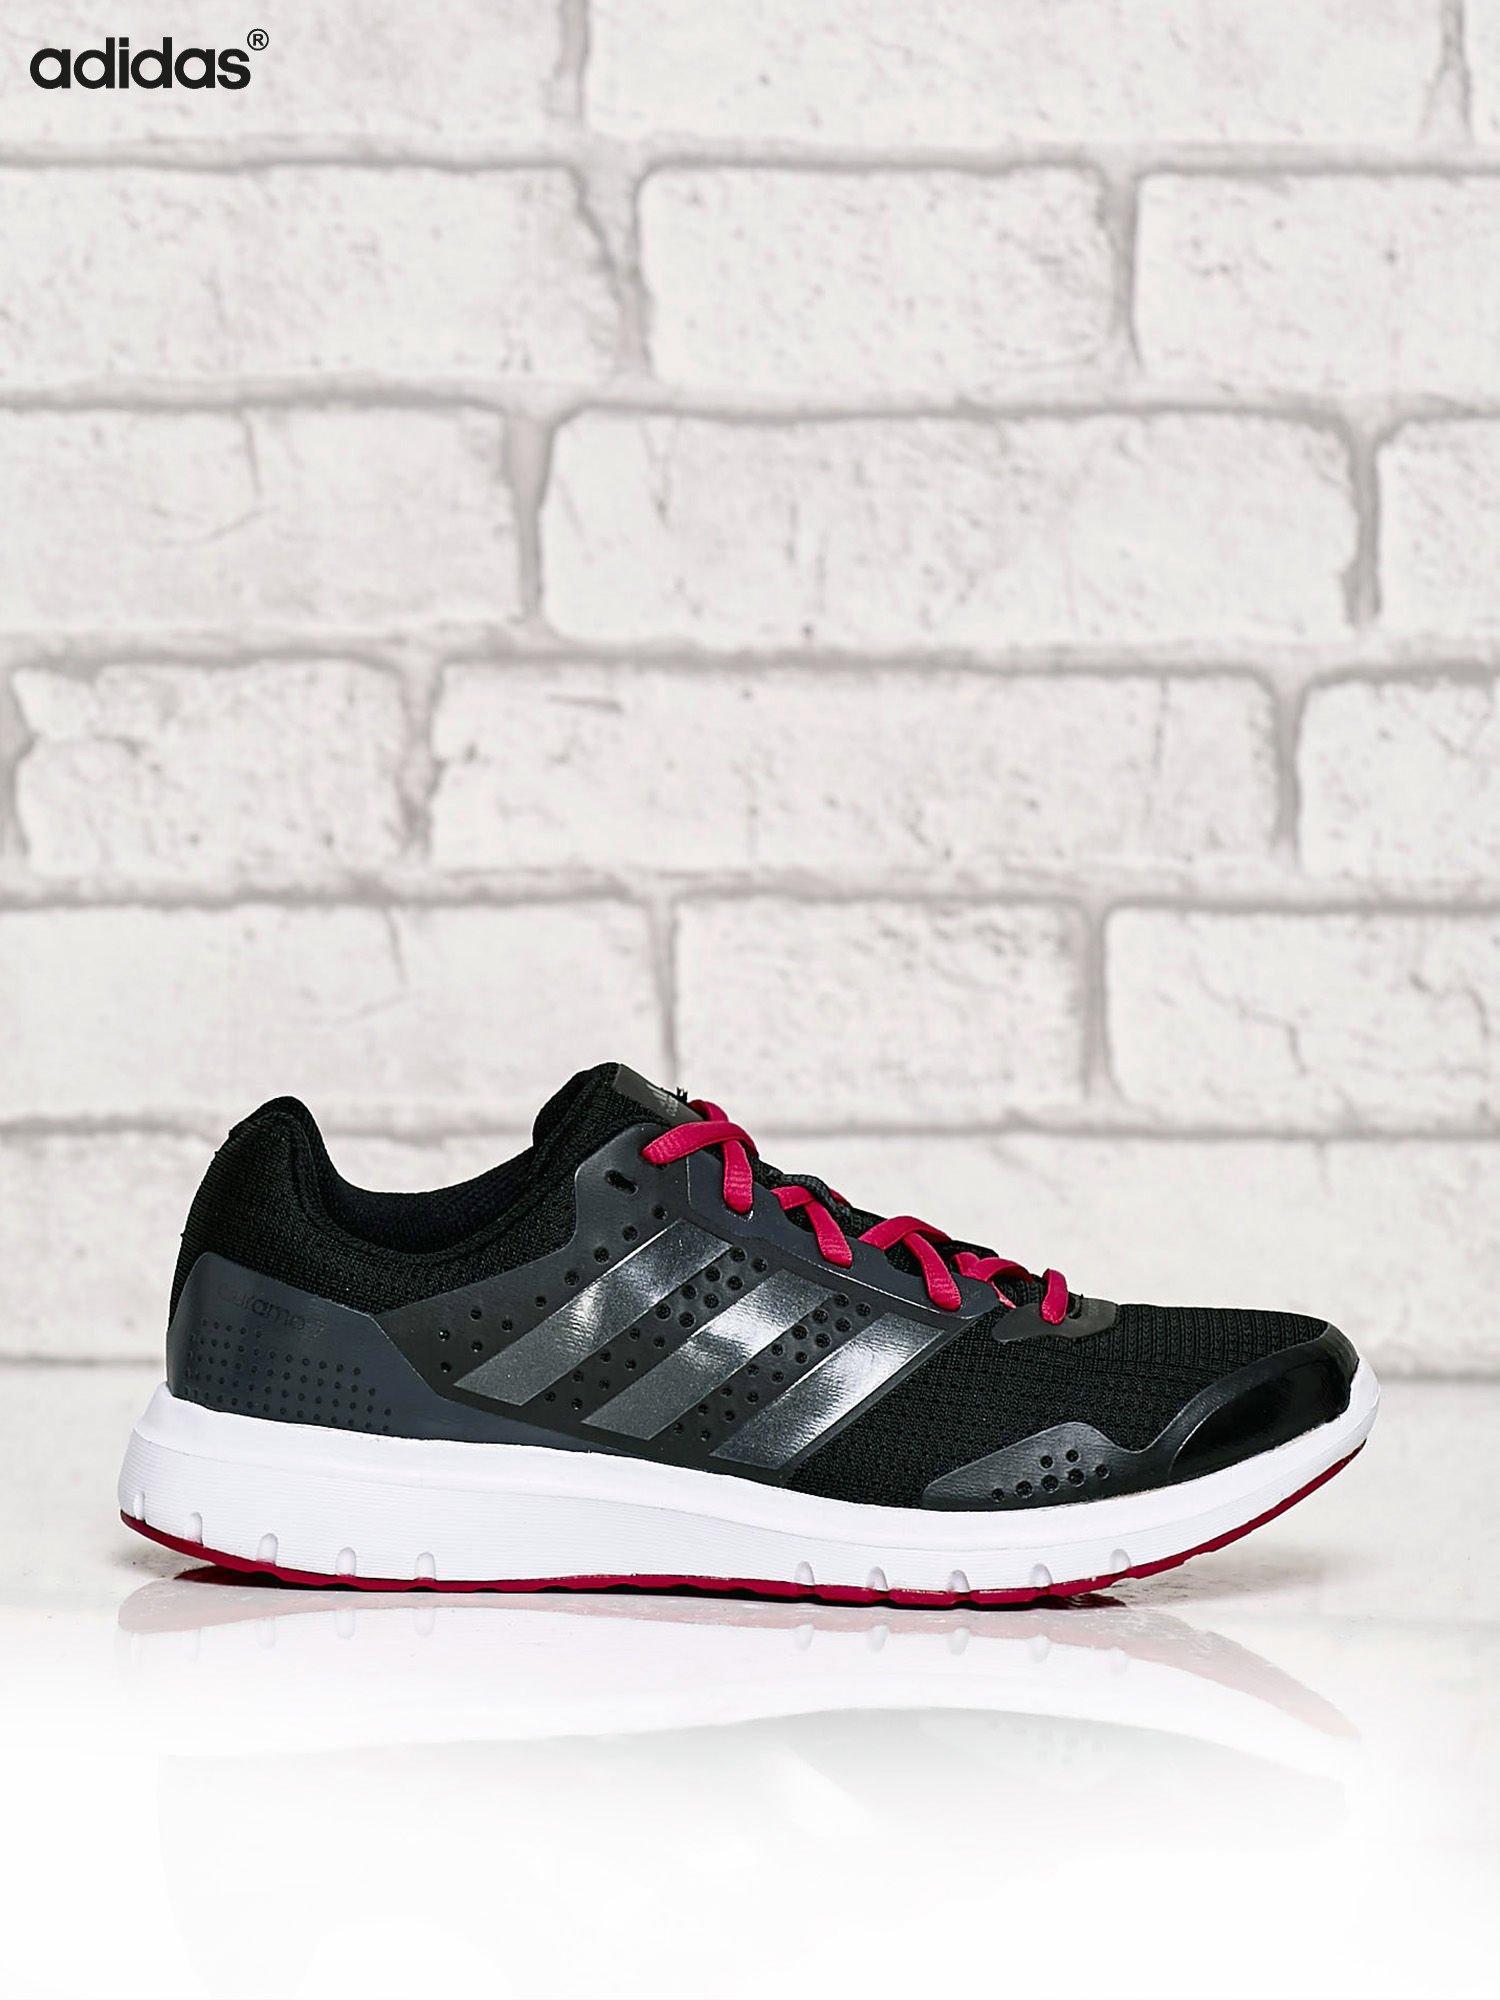 oficjalny sklep szerokie odmiany najlepszy wybór ADIDAS czarne buty sportowe Duramo 7 W do biegania